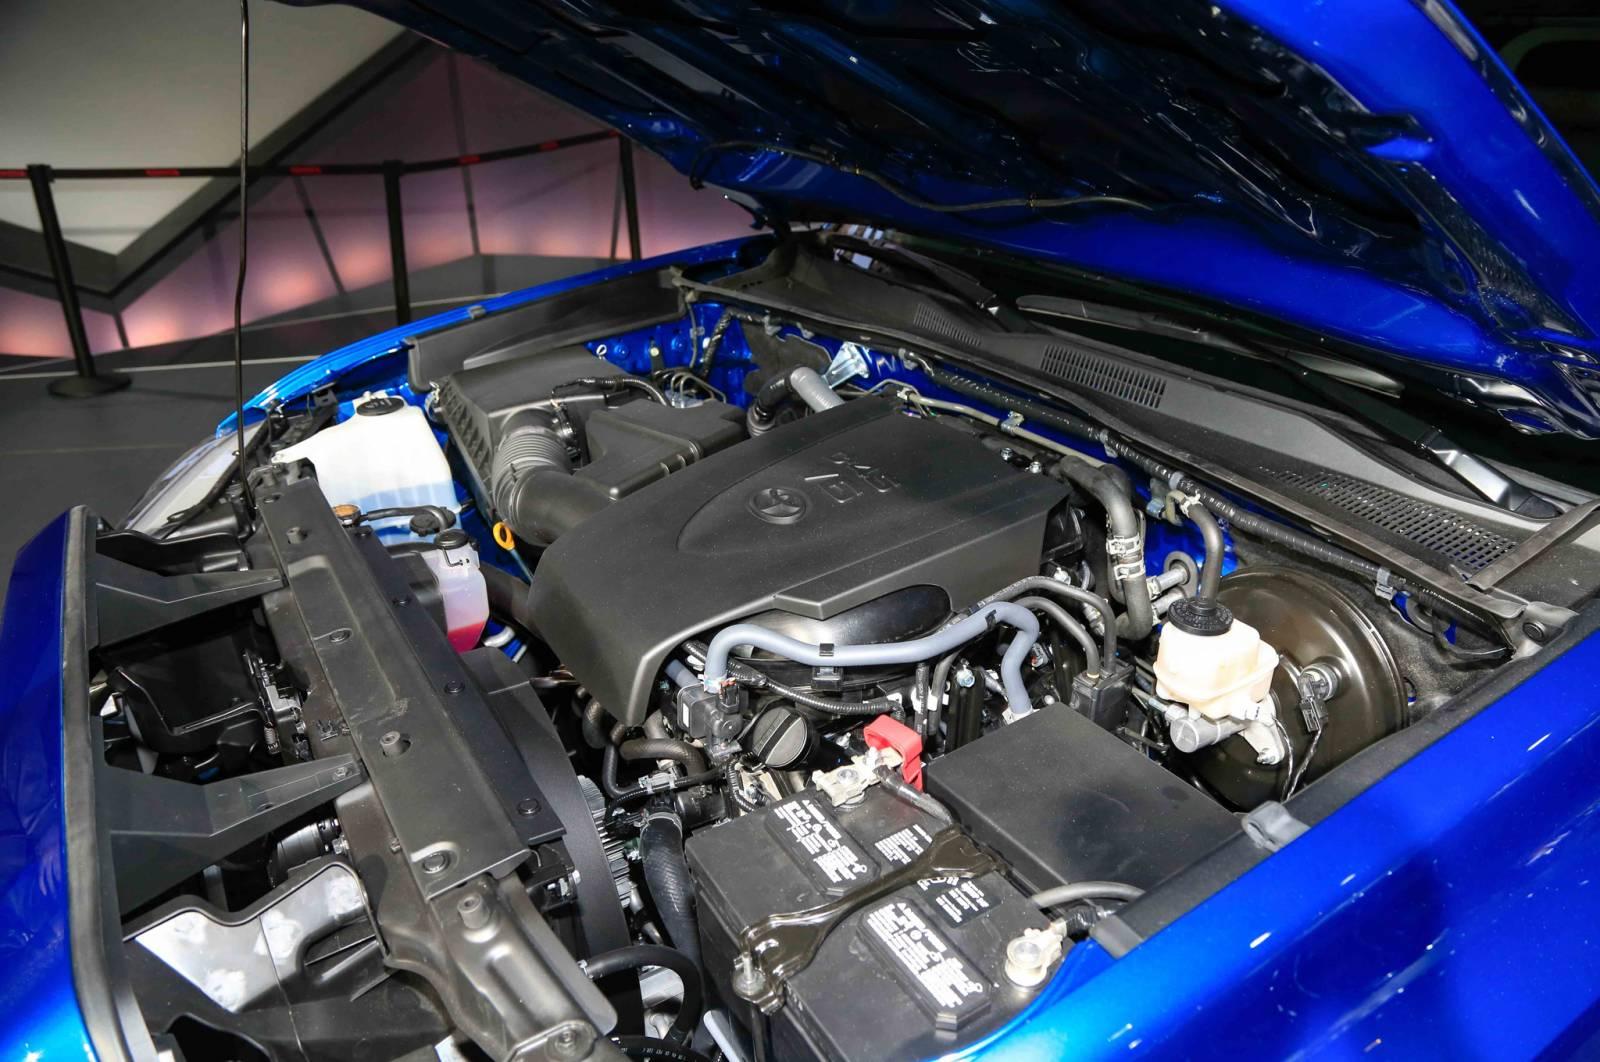 Прадо 150 бензиновый двигатель